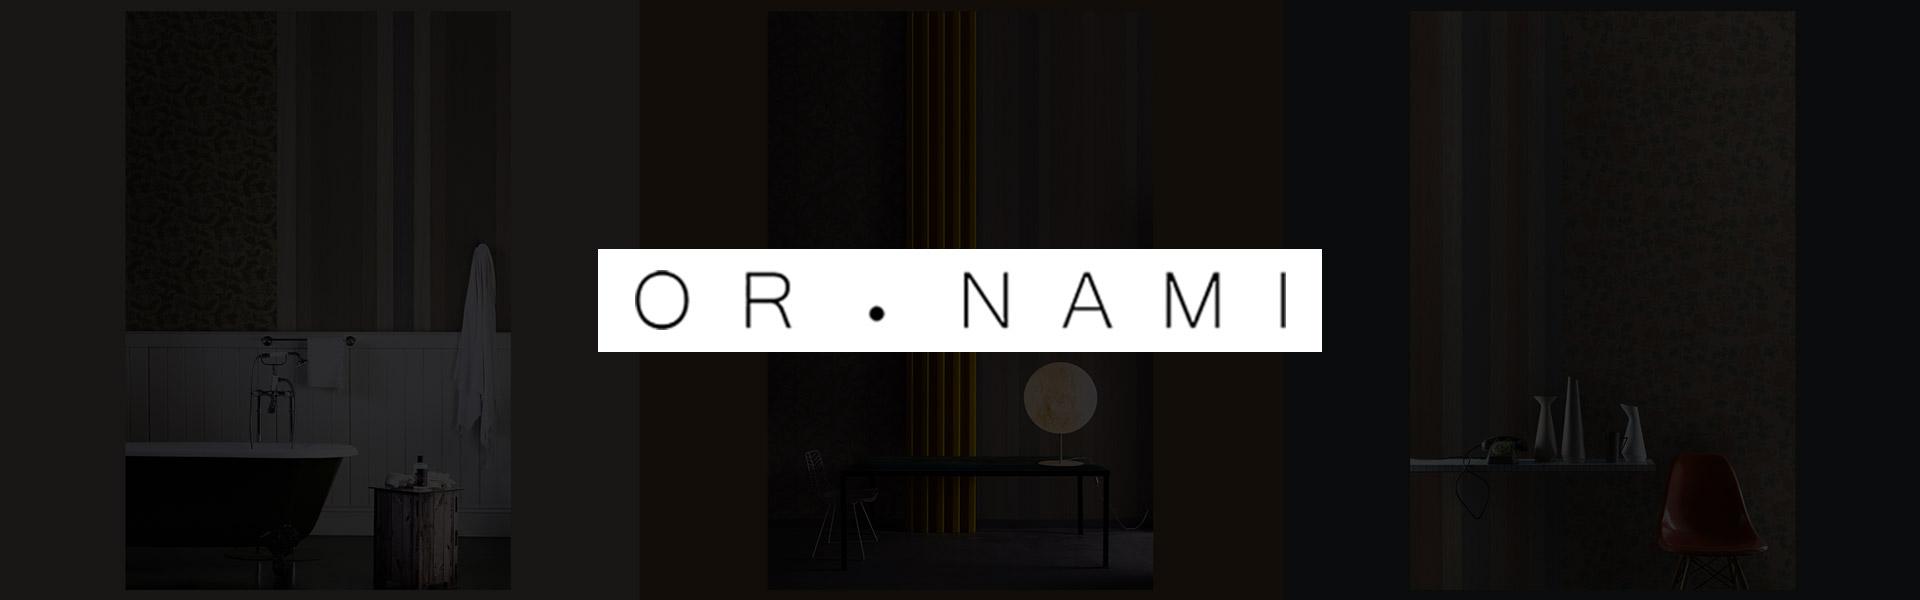 ornami_02